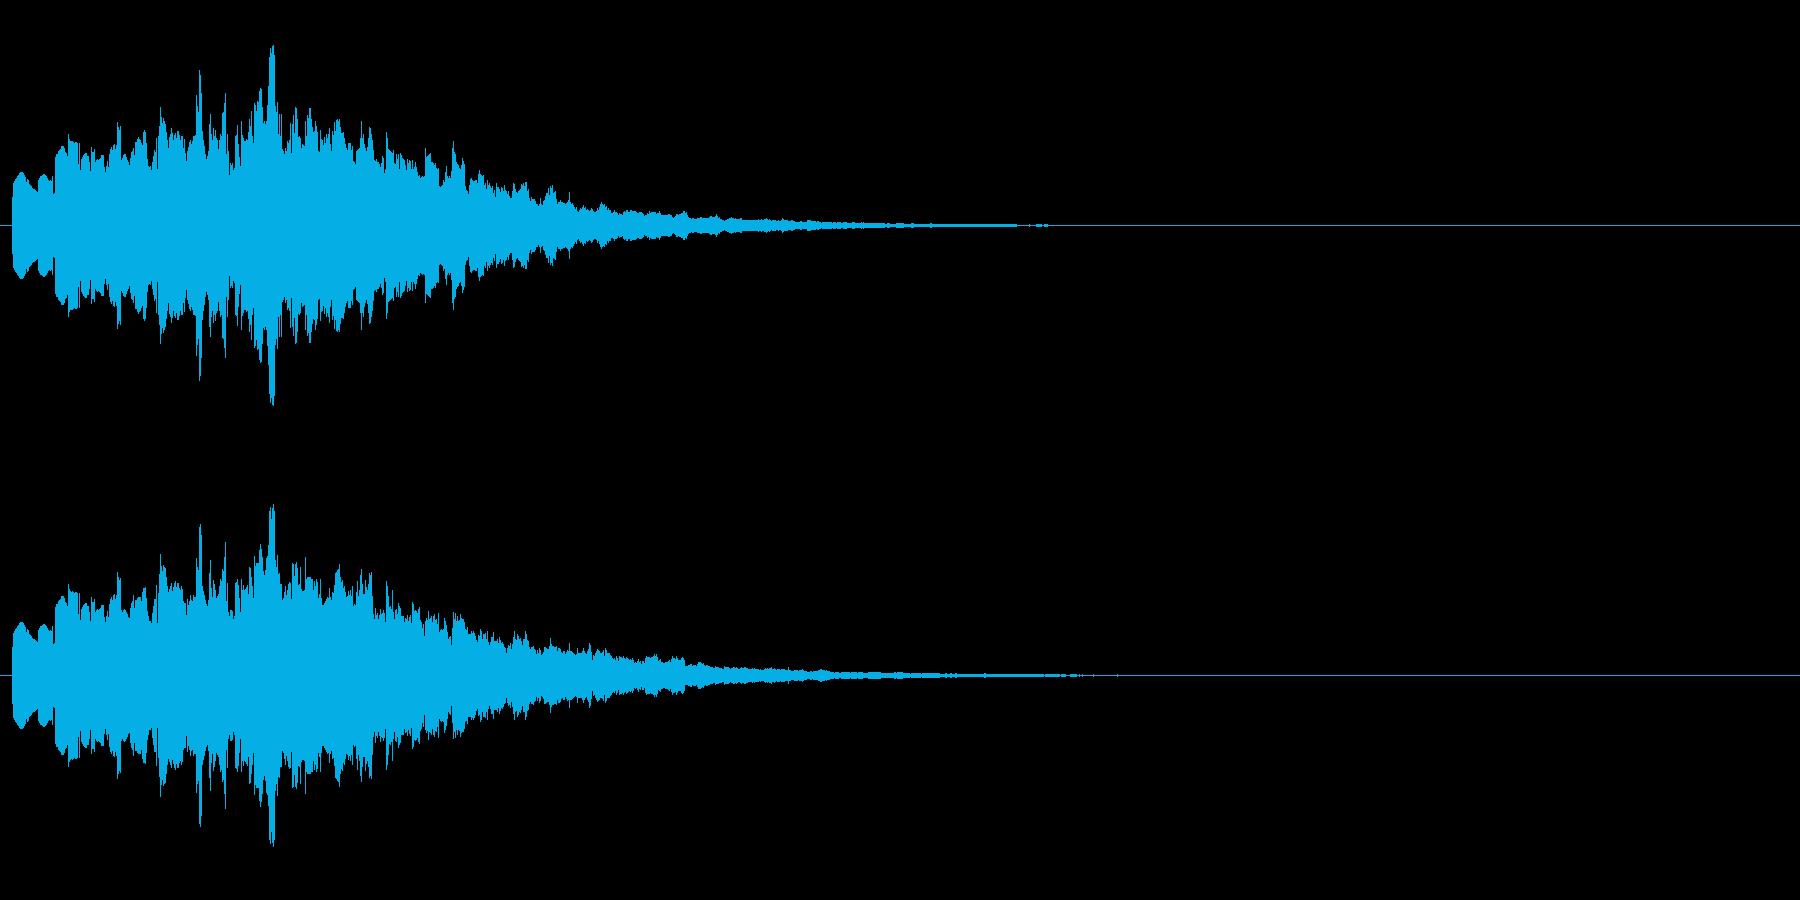 シンセによる広がる音の再生済みの波形